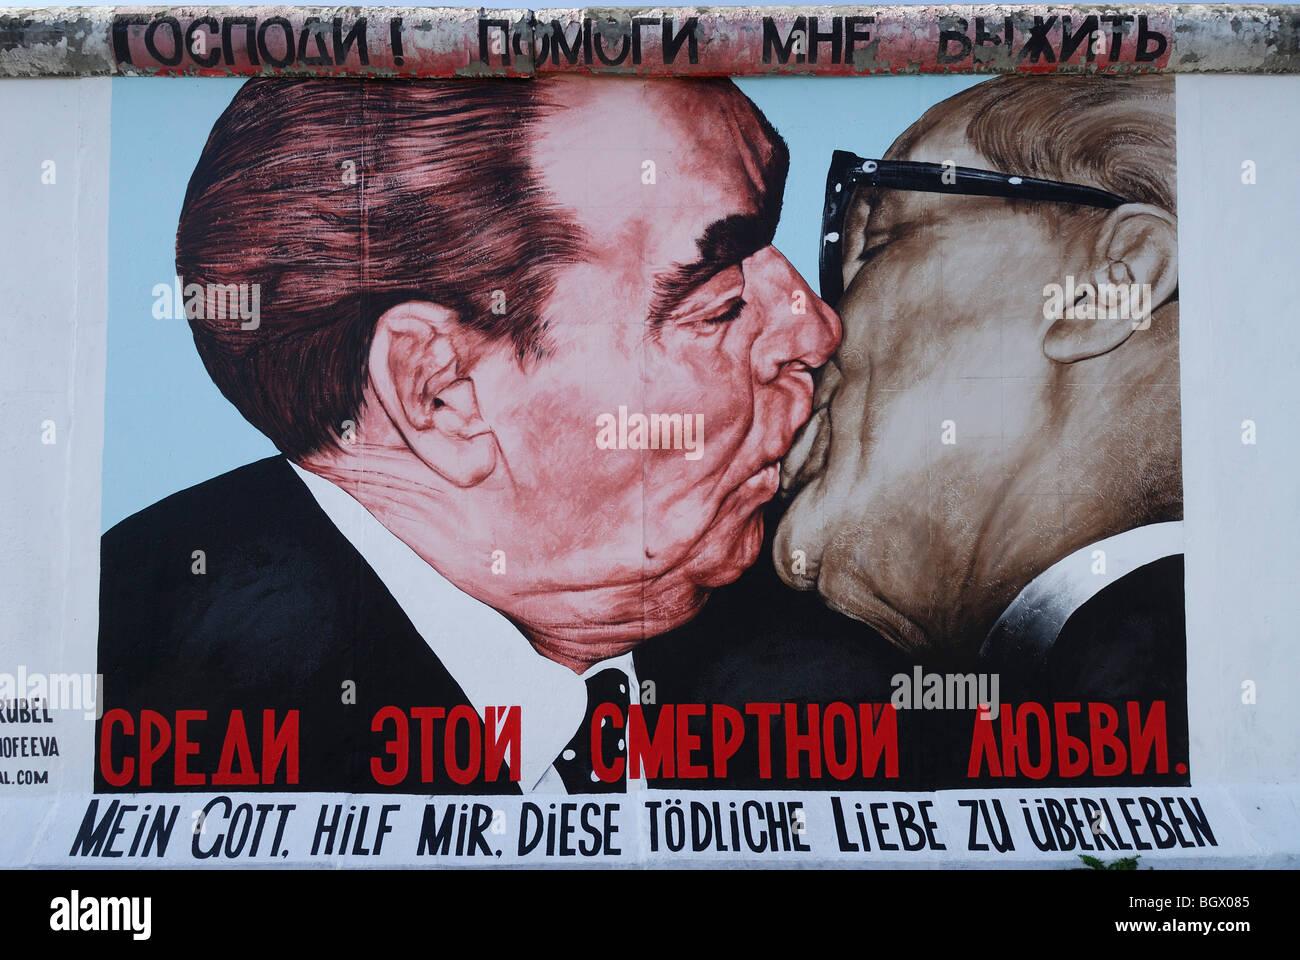 Berlin. L'Allemagne. La East Side Gallery. Caricature de Leonid Brejnev et Erich Honecker kissing par artiste Photo Stock